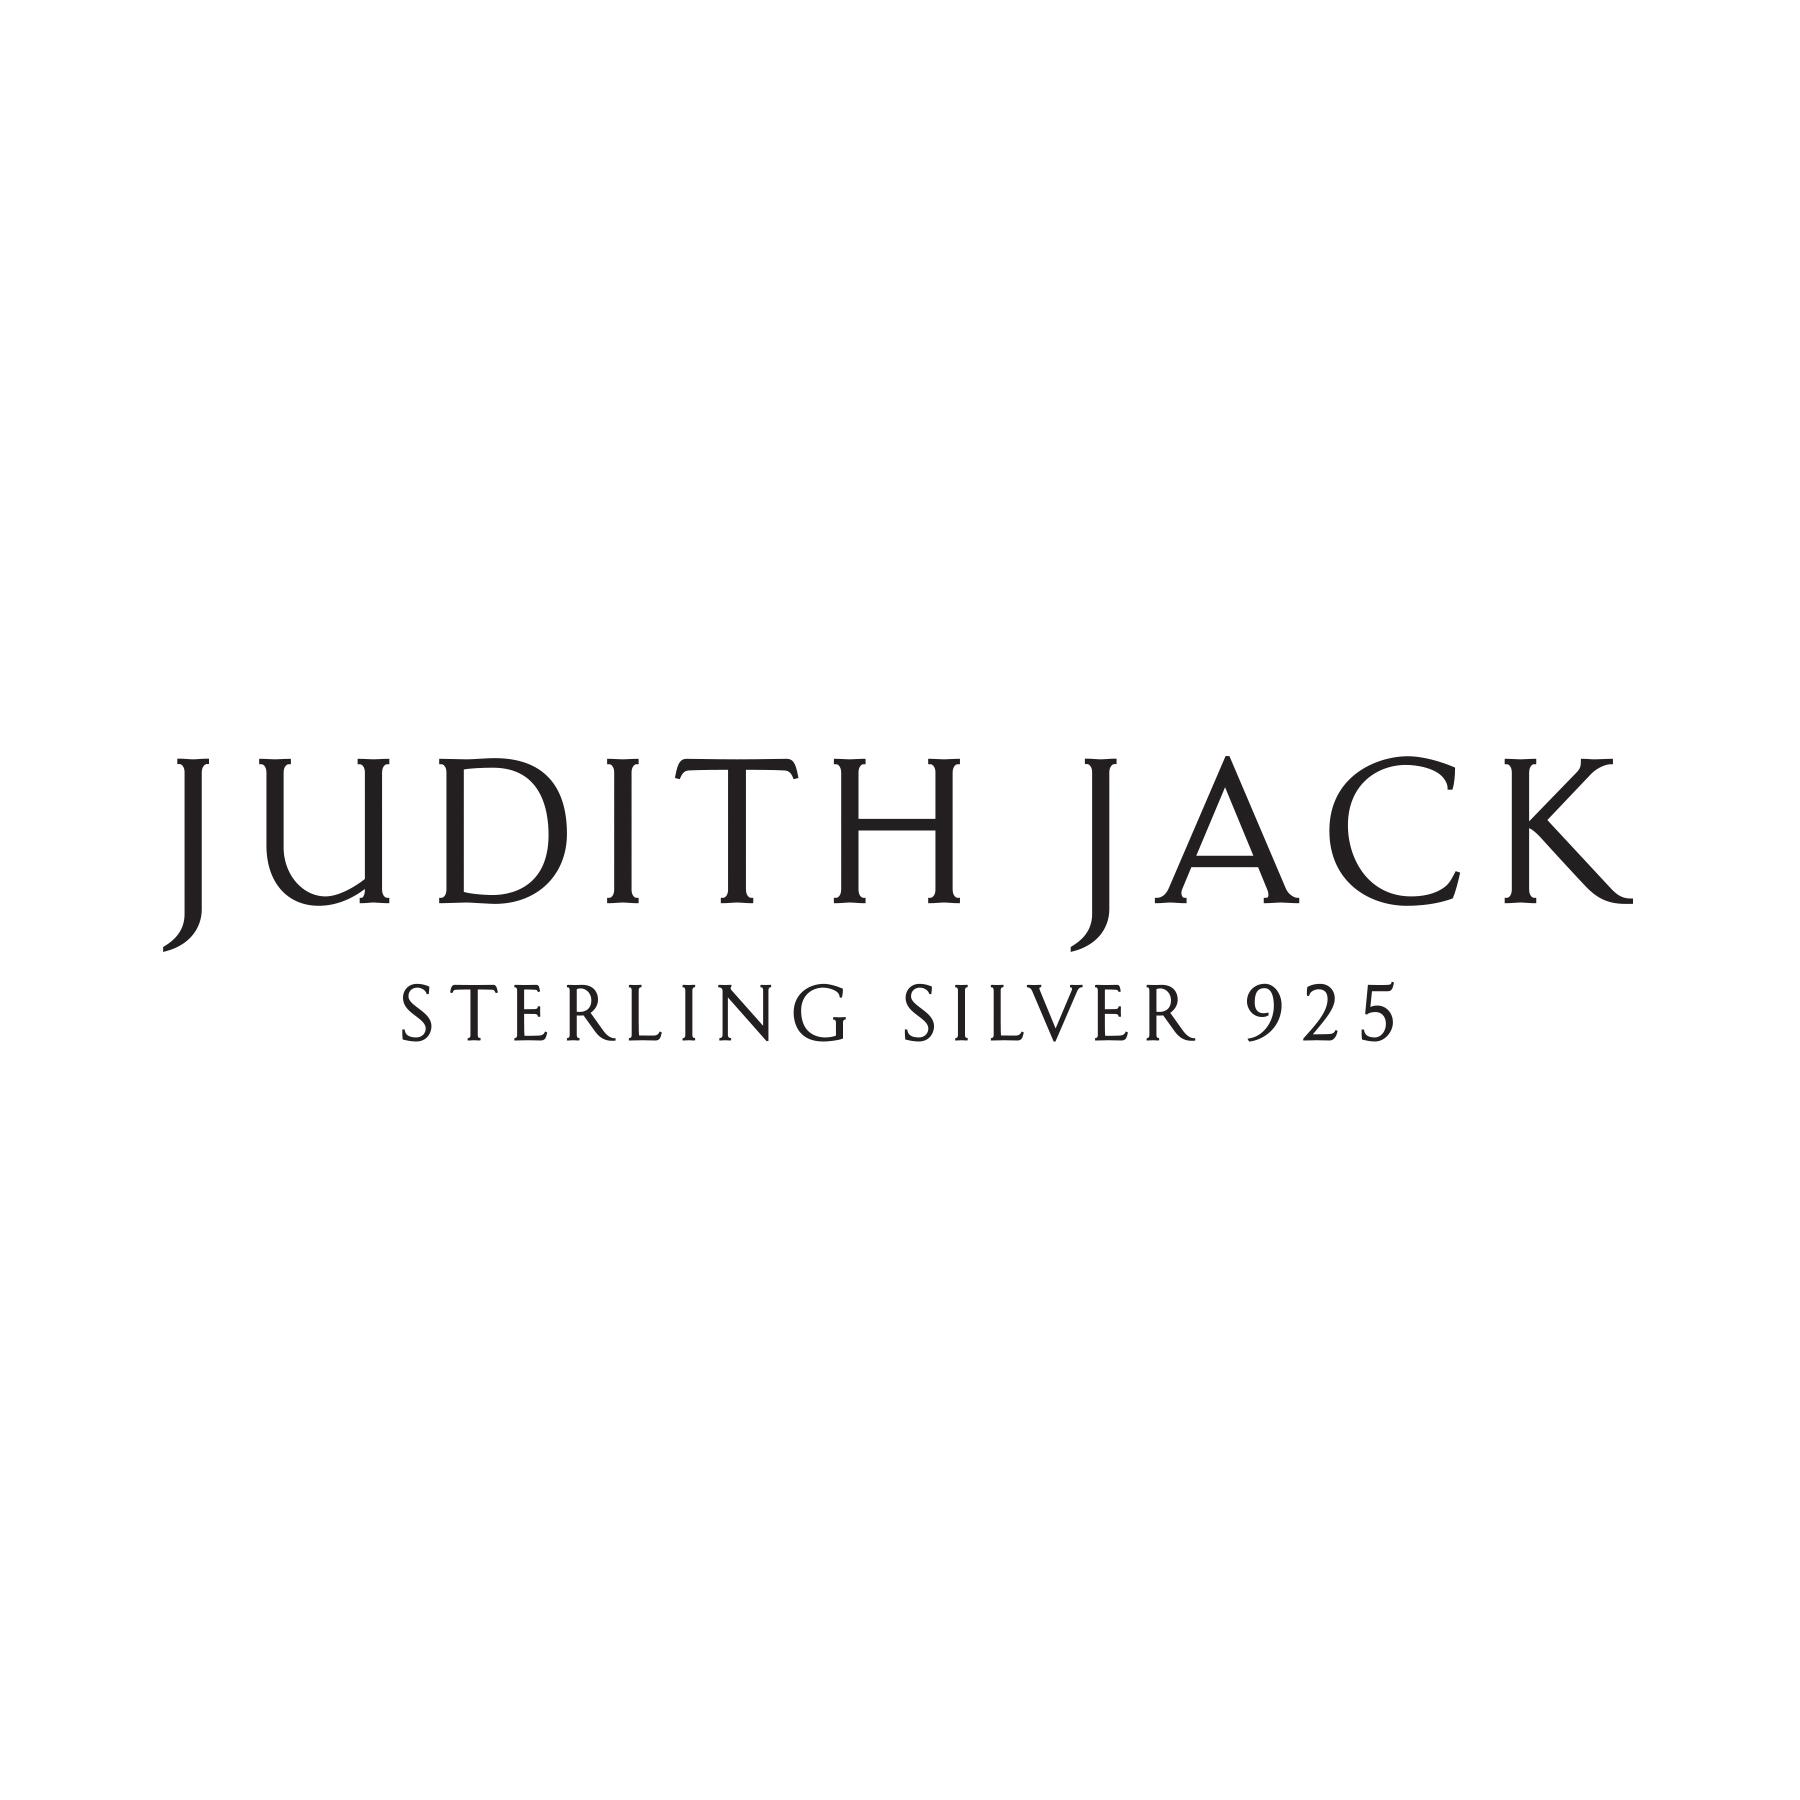 Jewelry Brand Logo